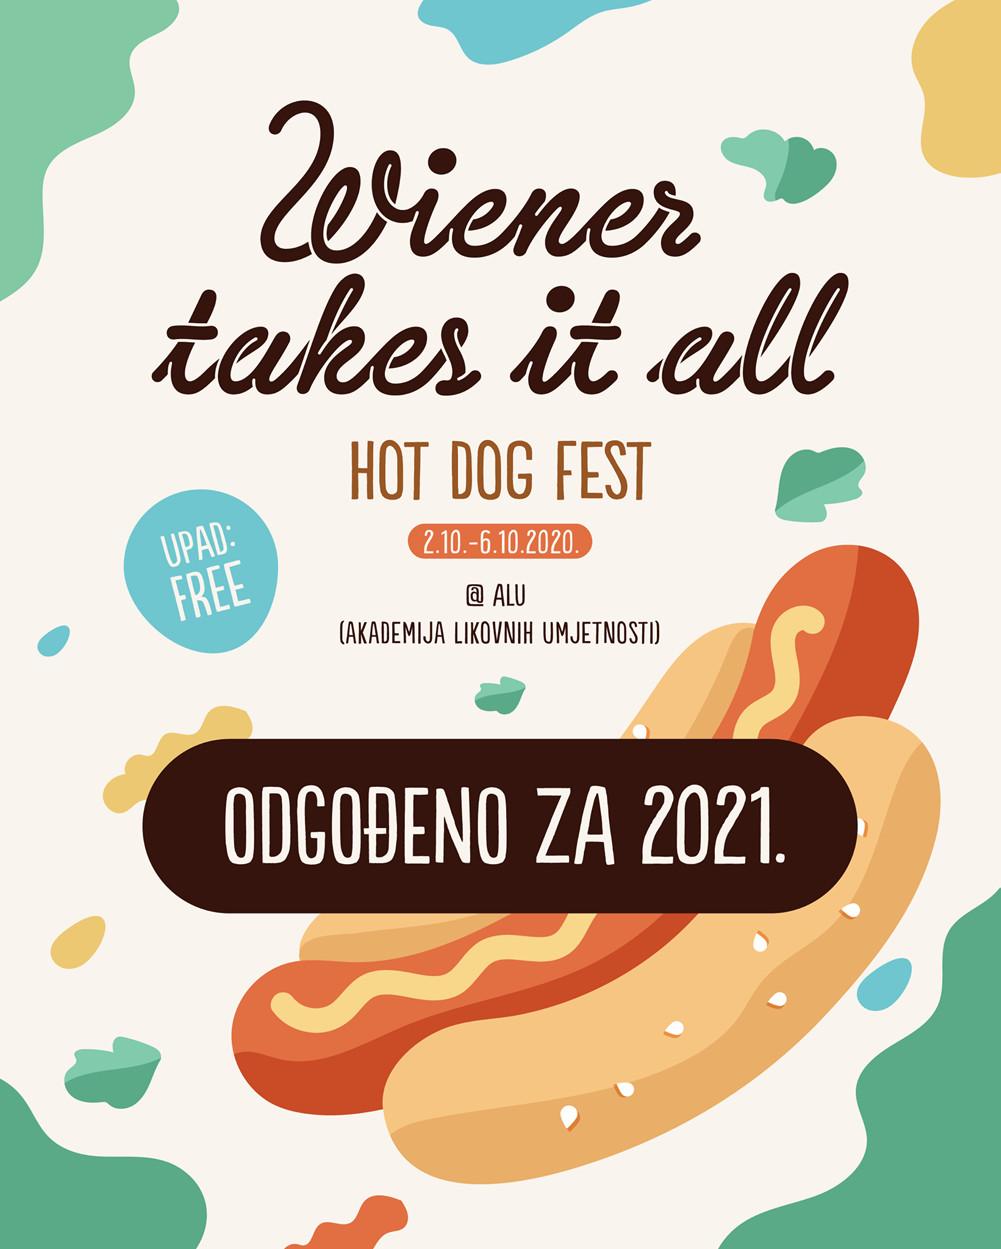 Wiener takes it all ODGOĐENO